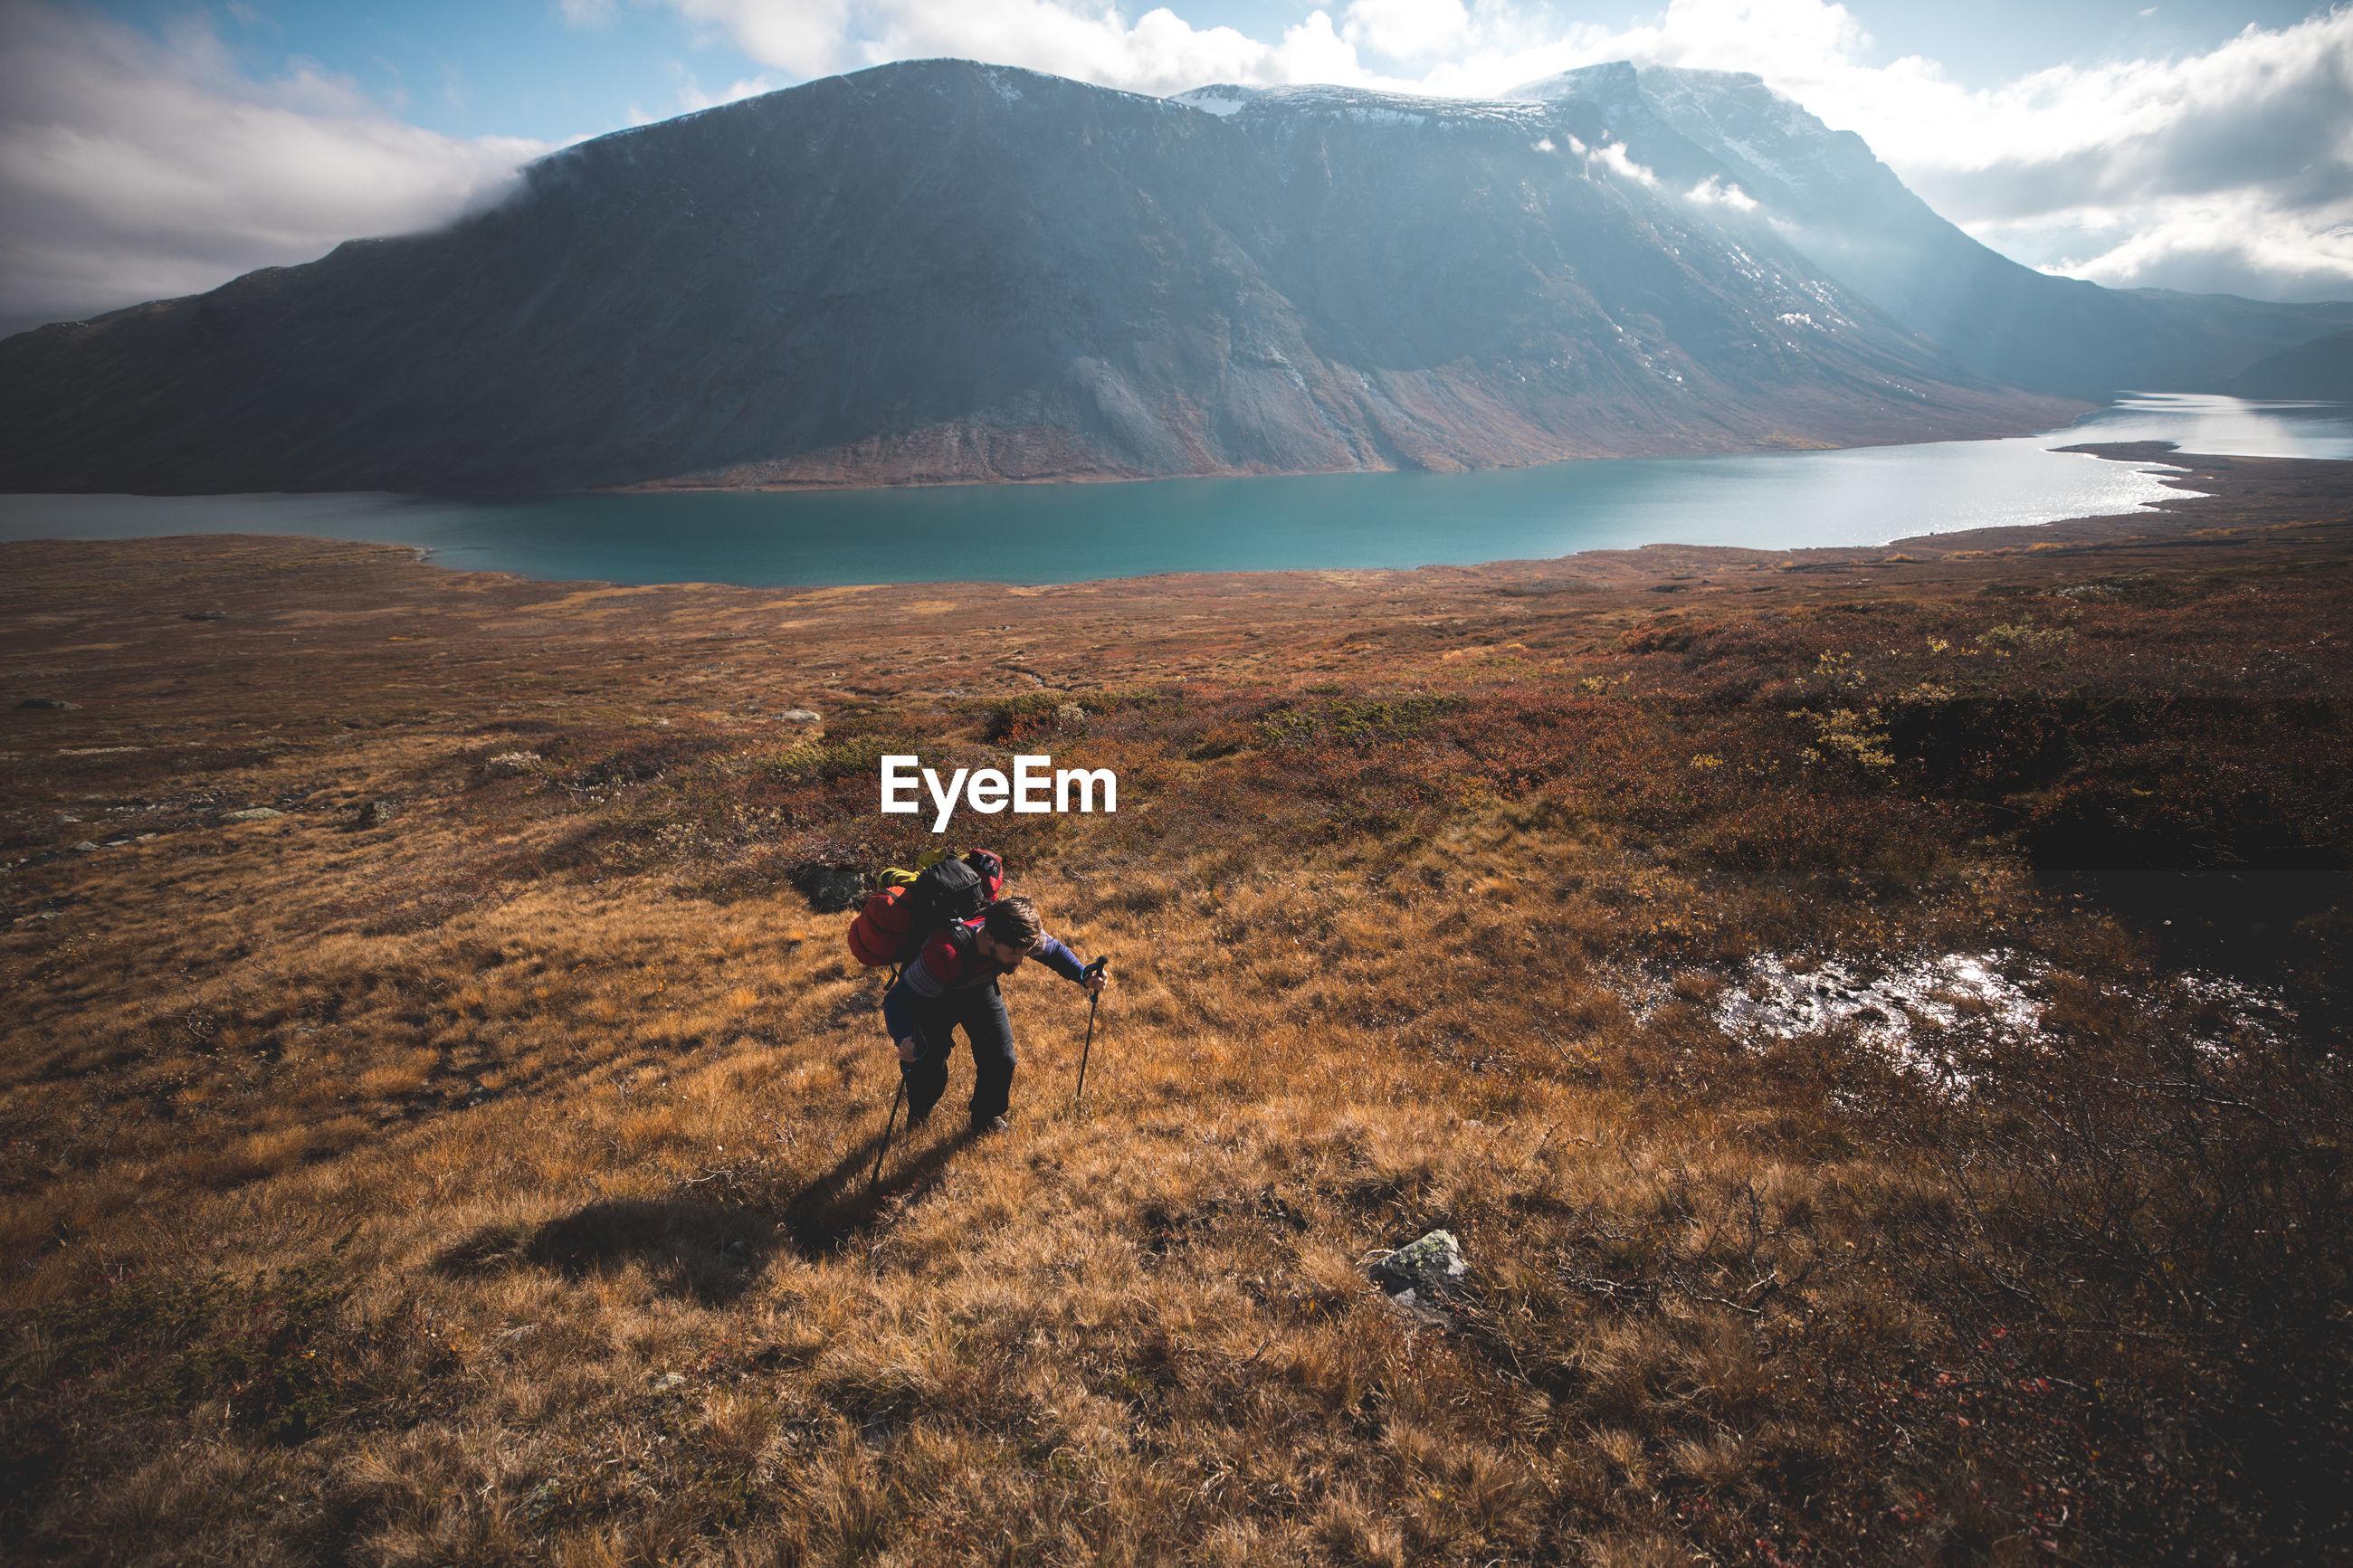 Man climbing on mountain against lake